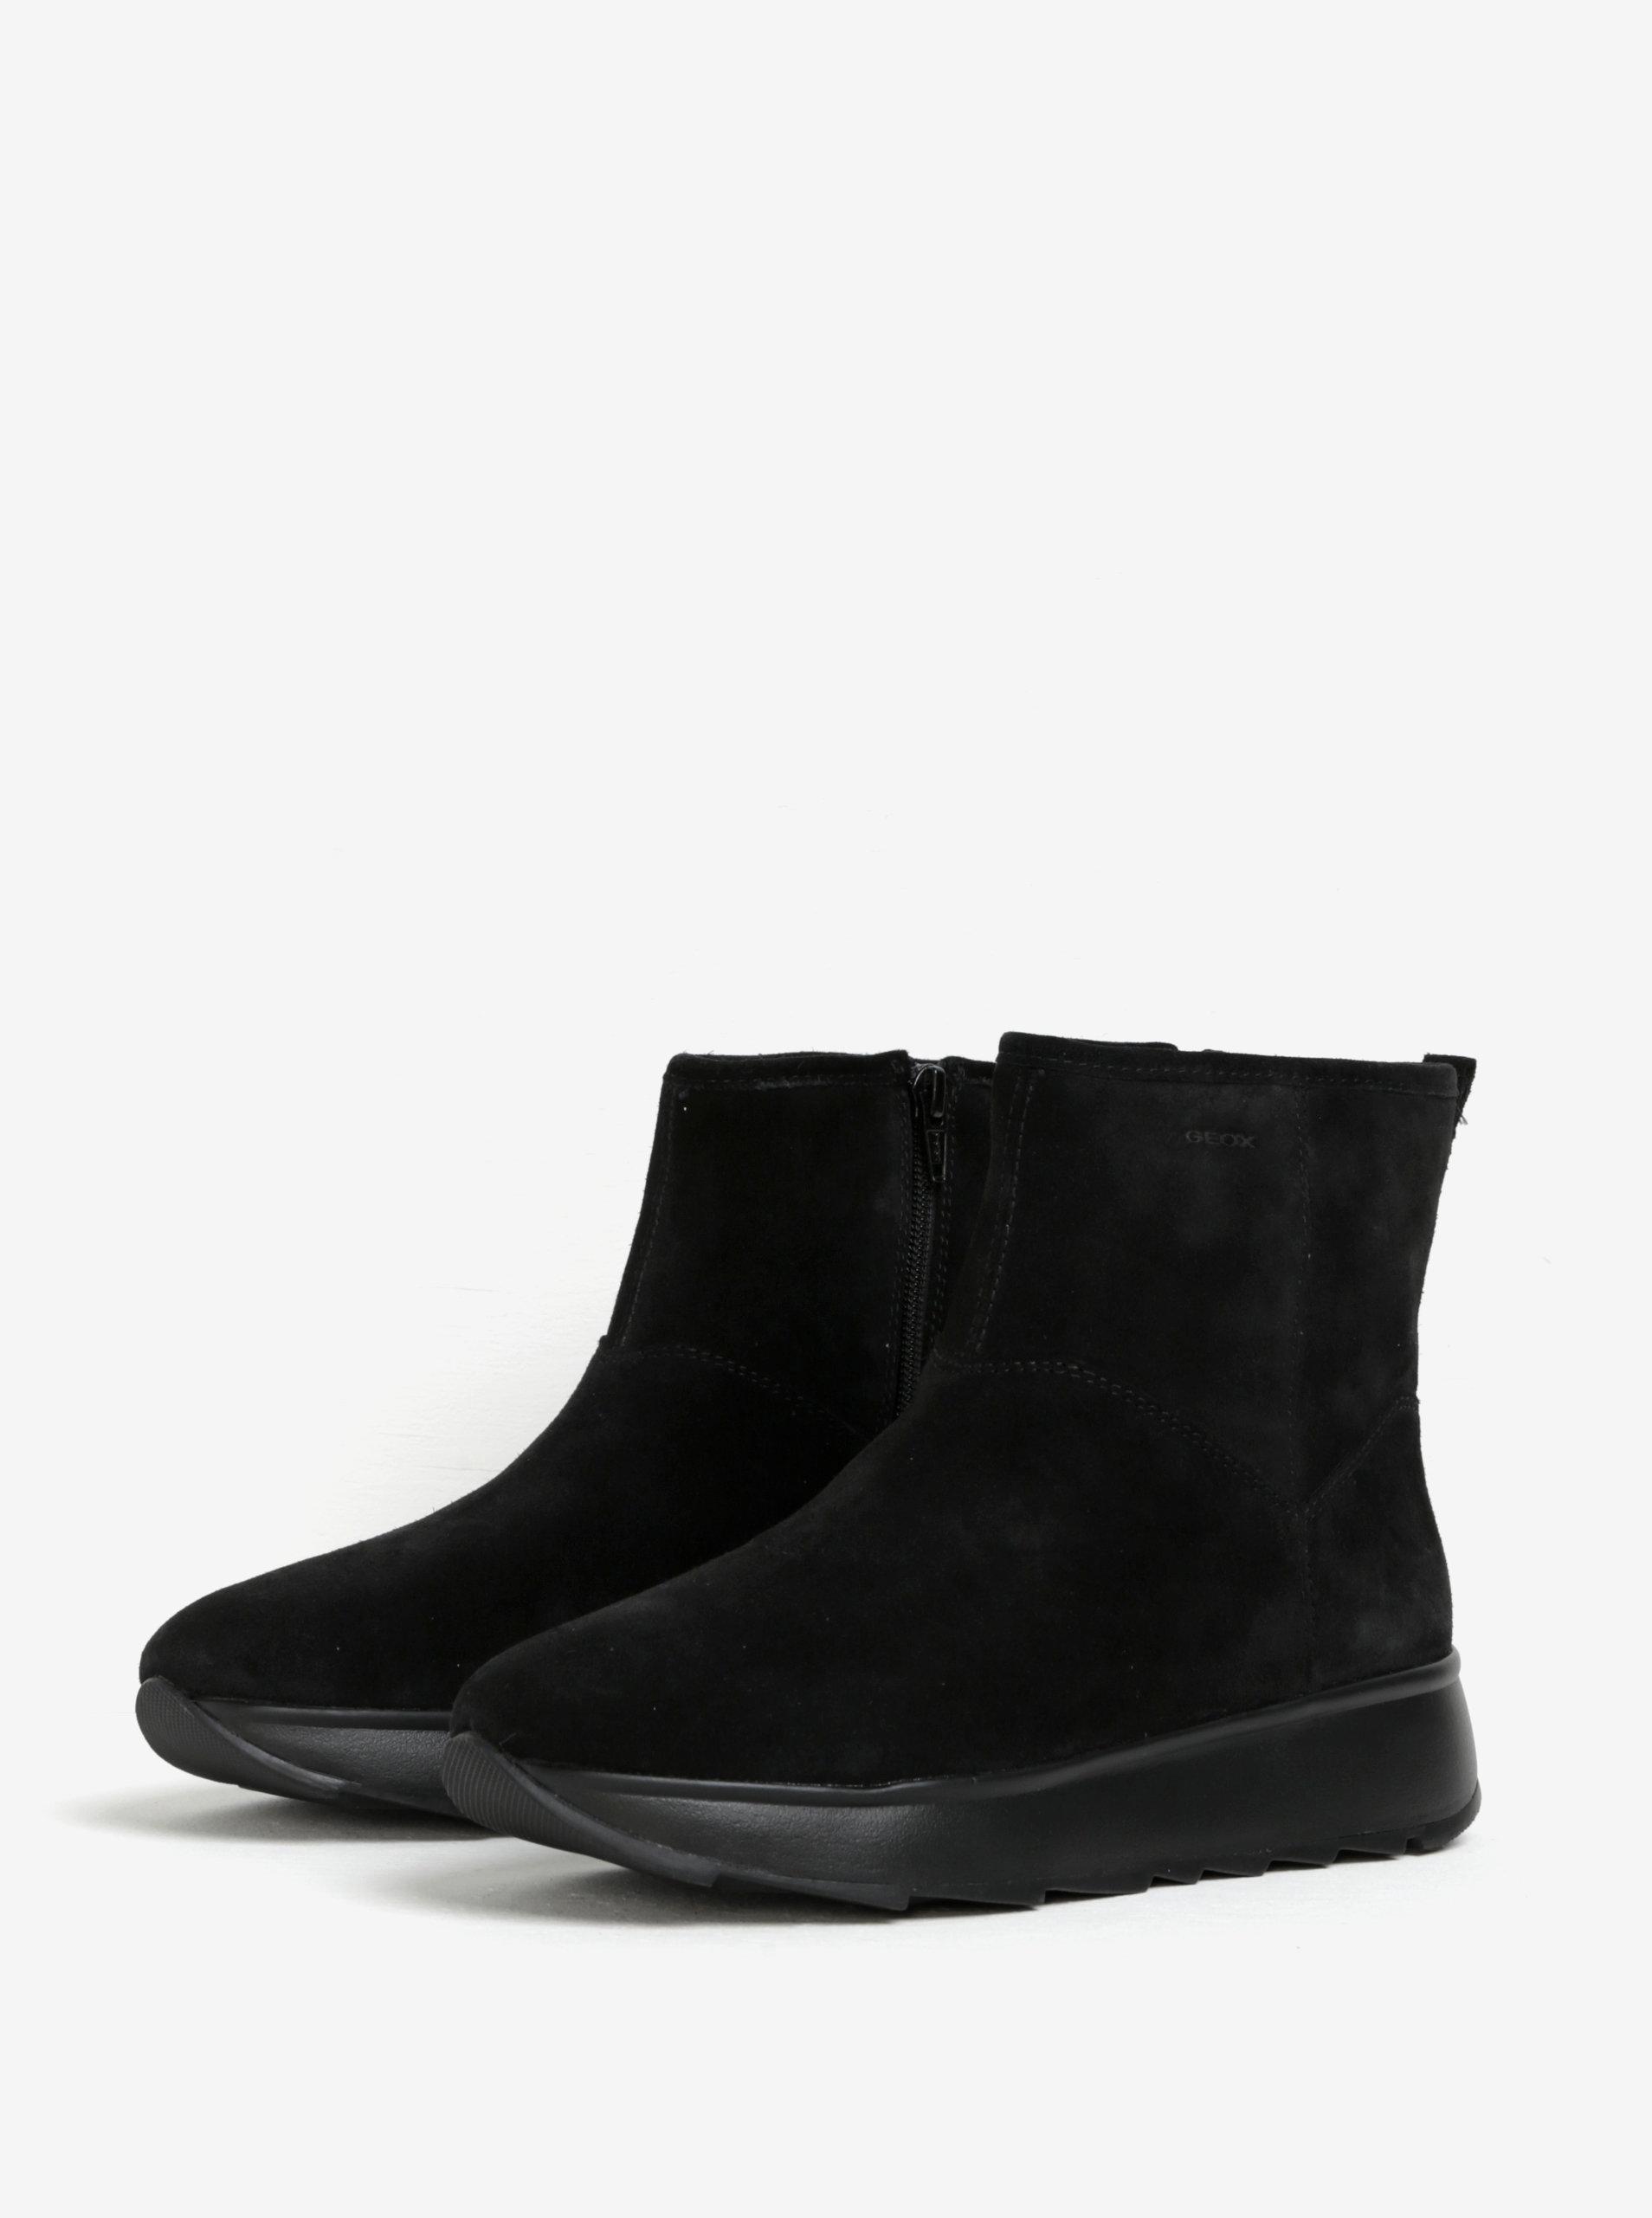 d7d2fb39947 Černé dámské semišové kotníkové boty Geox Gendry ...